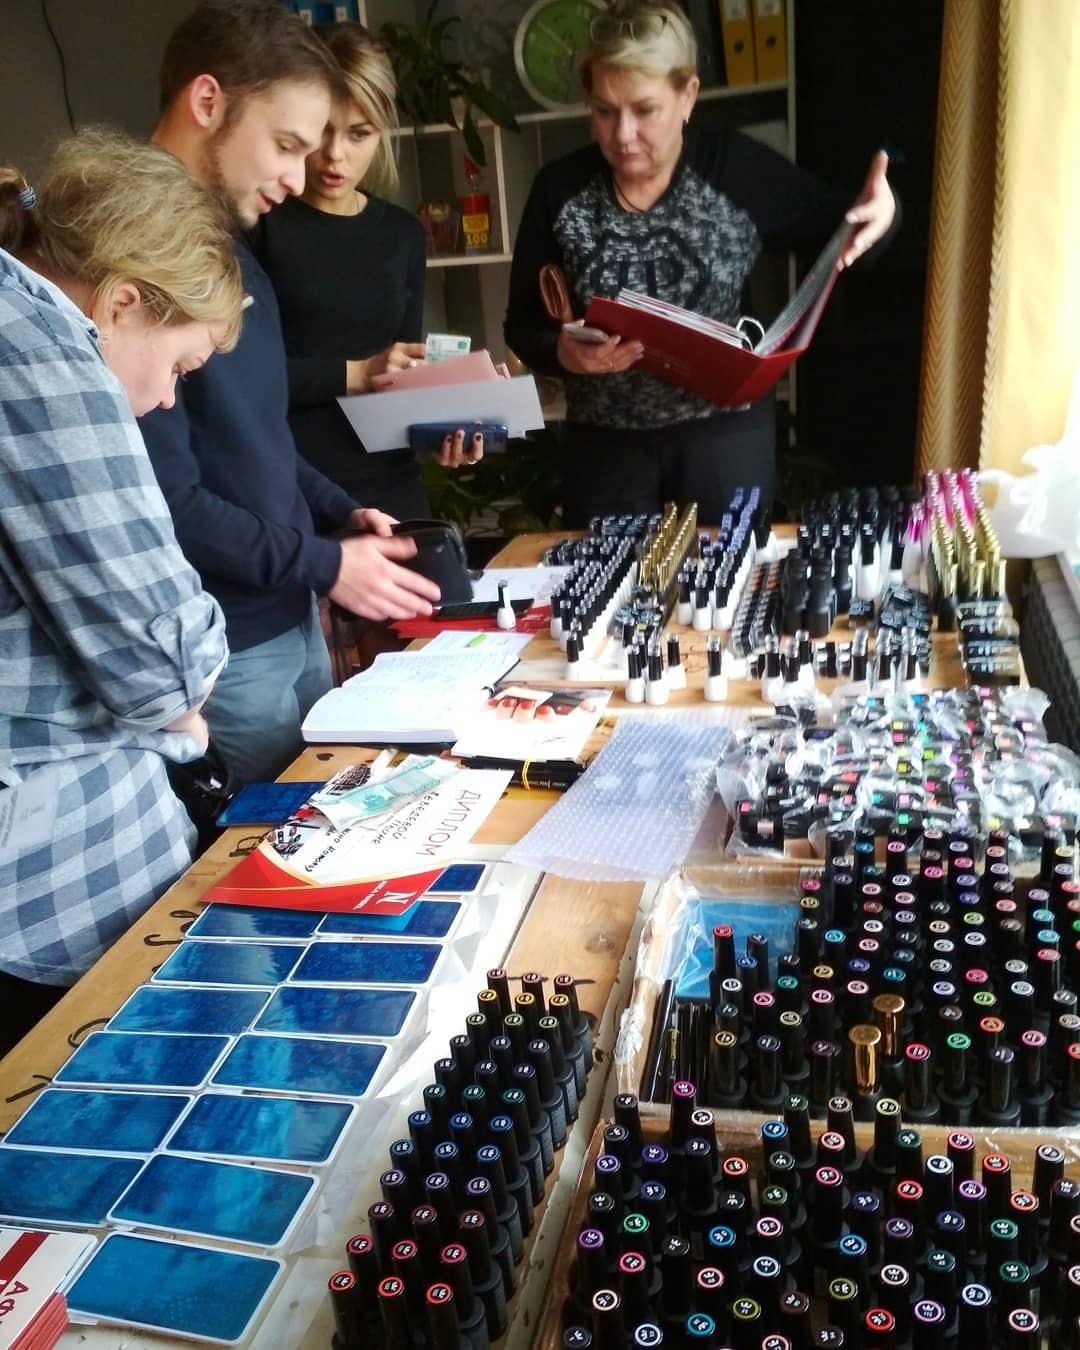 Завершается презентация от производителя товаров ногтевой красоты Nika Nagel?  #nikanagel #orel #коворкингвОрле #бьютиковоркинг